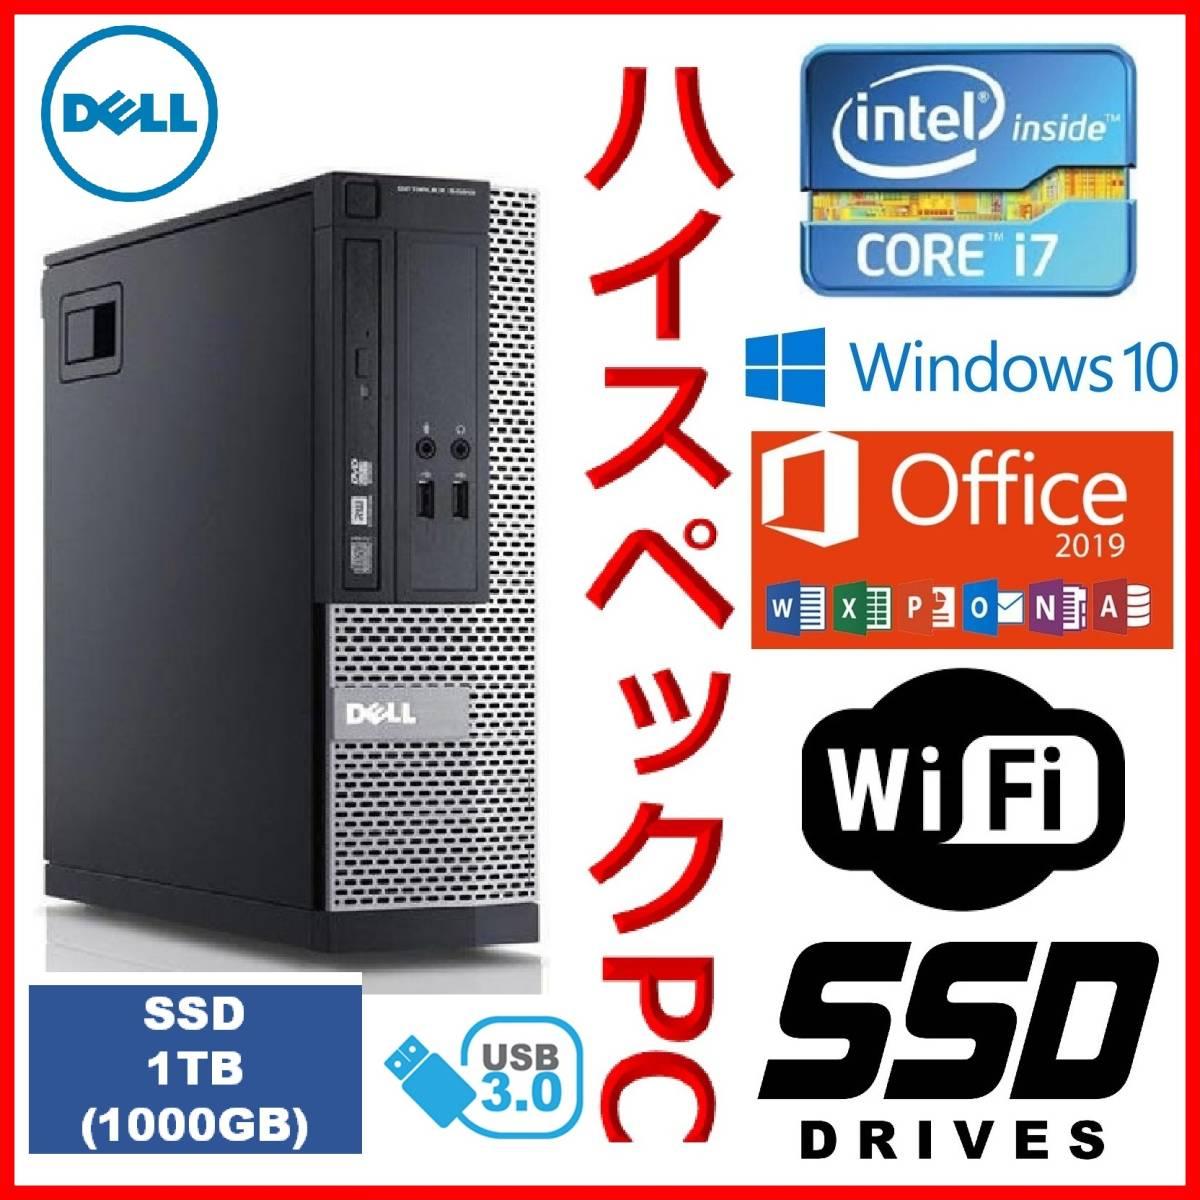 ●超高速小型PC●新品SSD1TB(1000GB)●i7-4790(4.0Gx8)●メモリ16GB●無線LAN(Wi-Fi)●USB3.0●2画面●静音●Win10●MS Office Pro 2019●